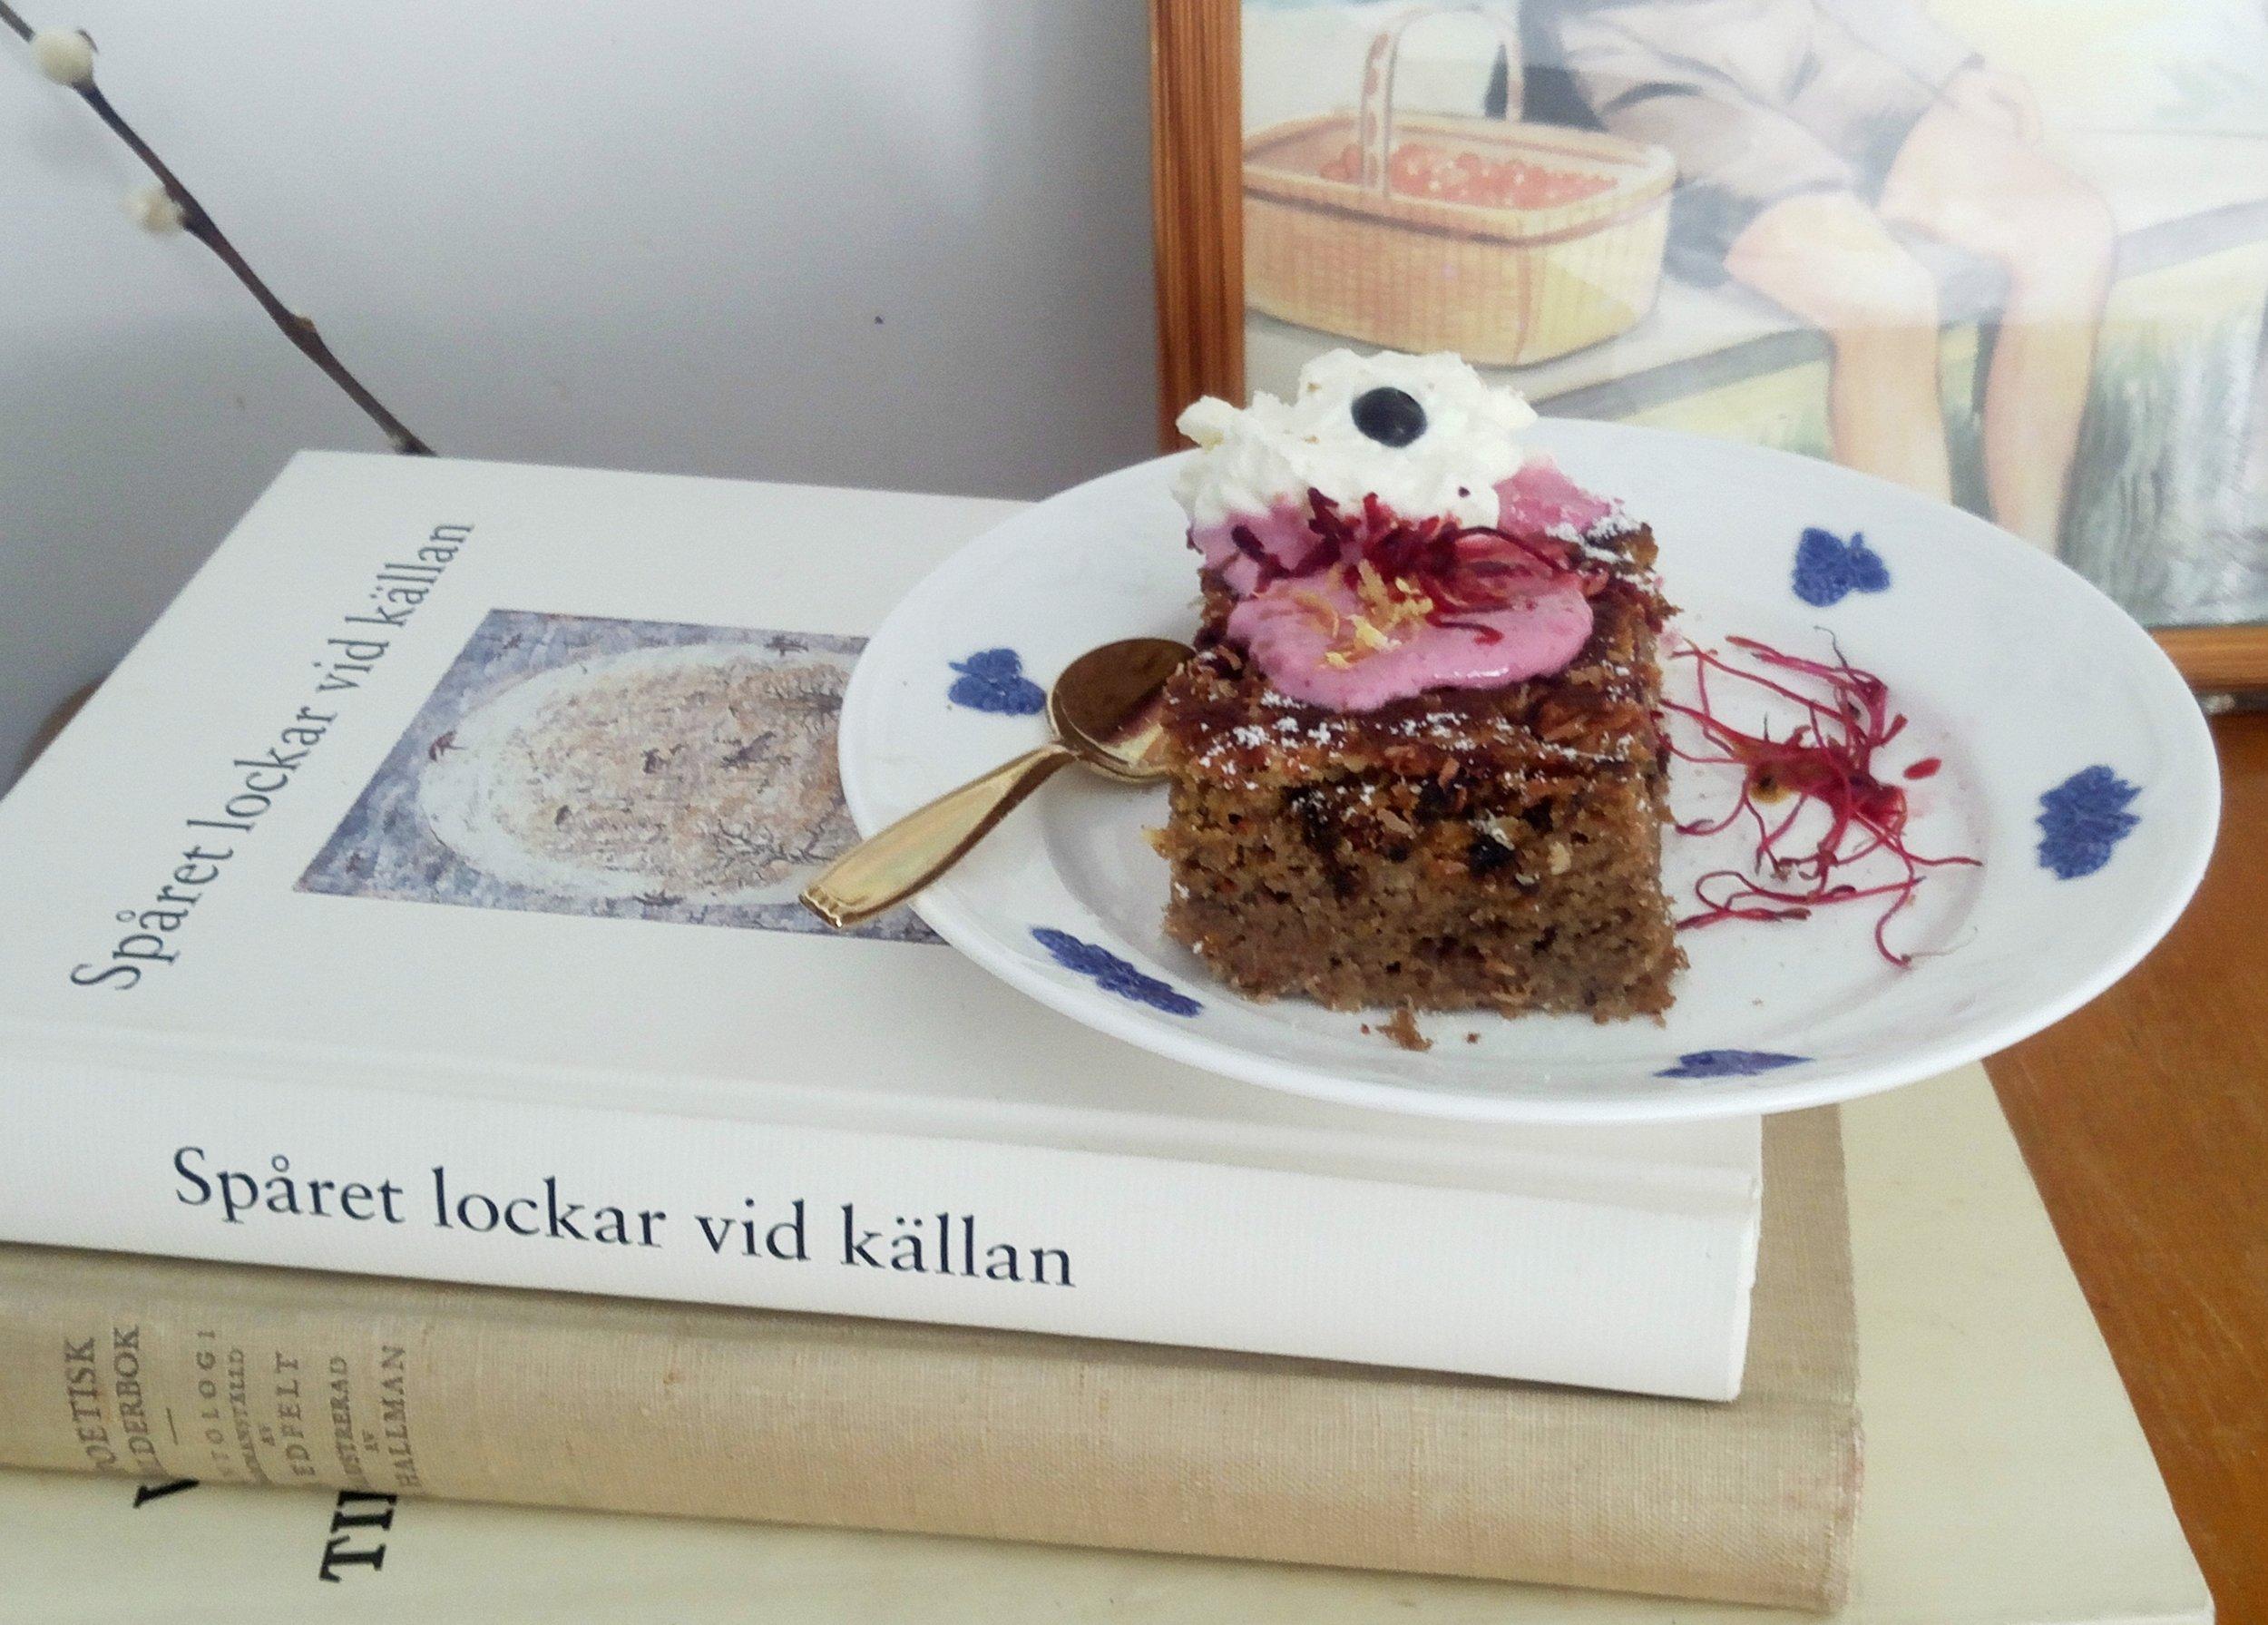 Så här berättar han  [ P etrus  L aestadius]  till exempel om hur man tillverkar det mjöl som barkbrödet bakas av:  Man hugger ut tallen & med en liten spade af renshorn, flår man utav barken.  / Spåret lockar vid källan - Norrbottens prosa i presentation & urval av Åke Leif-Lundgren & Bert Linné.